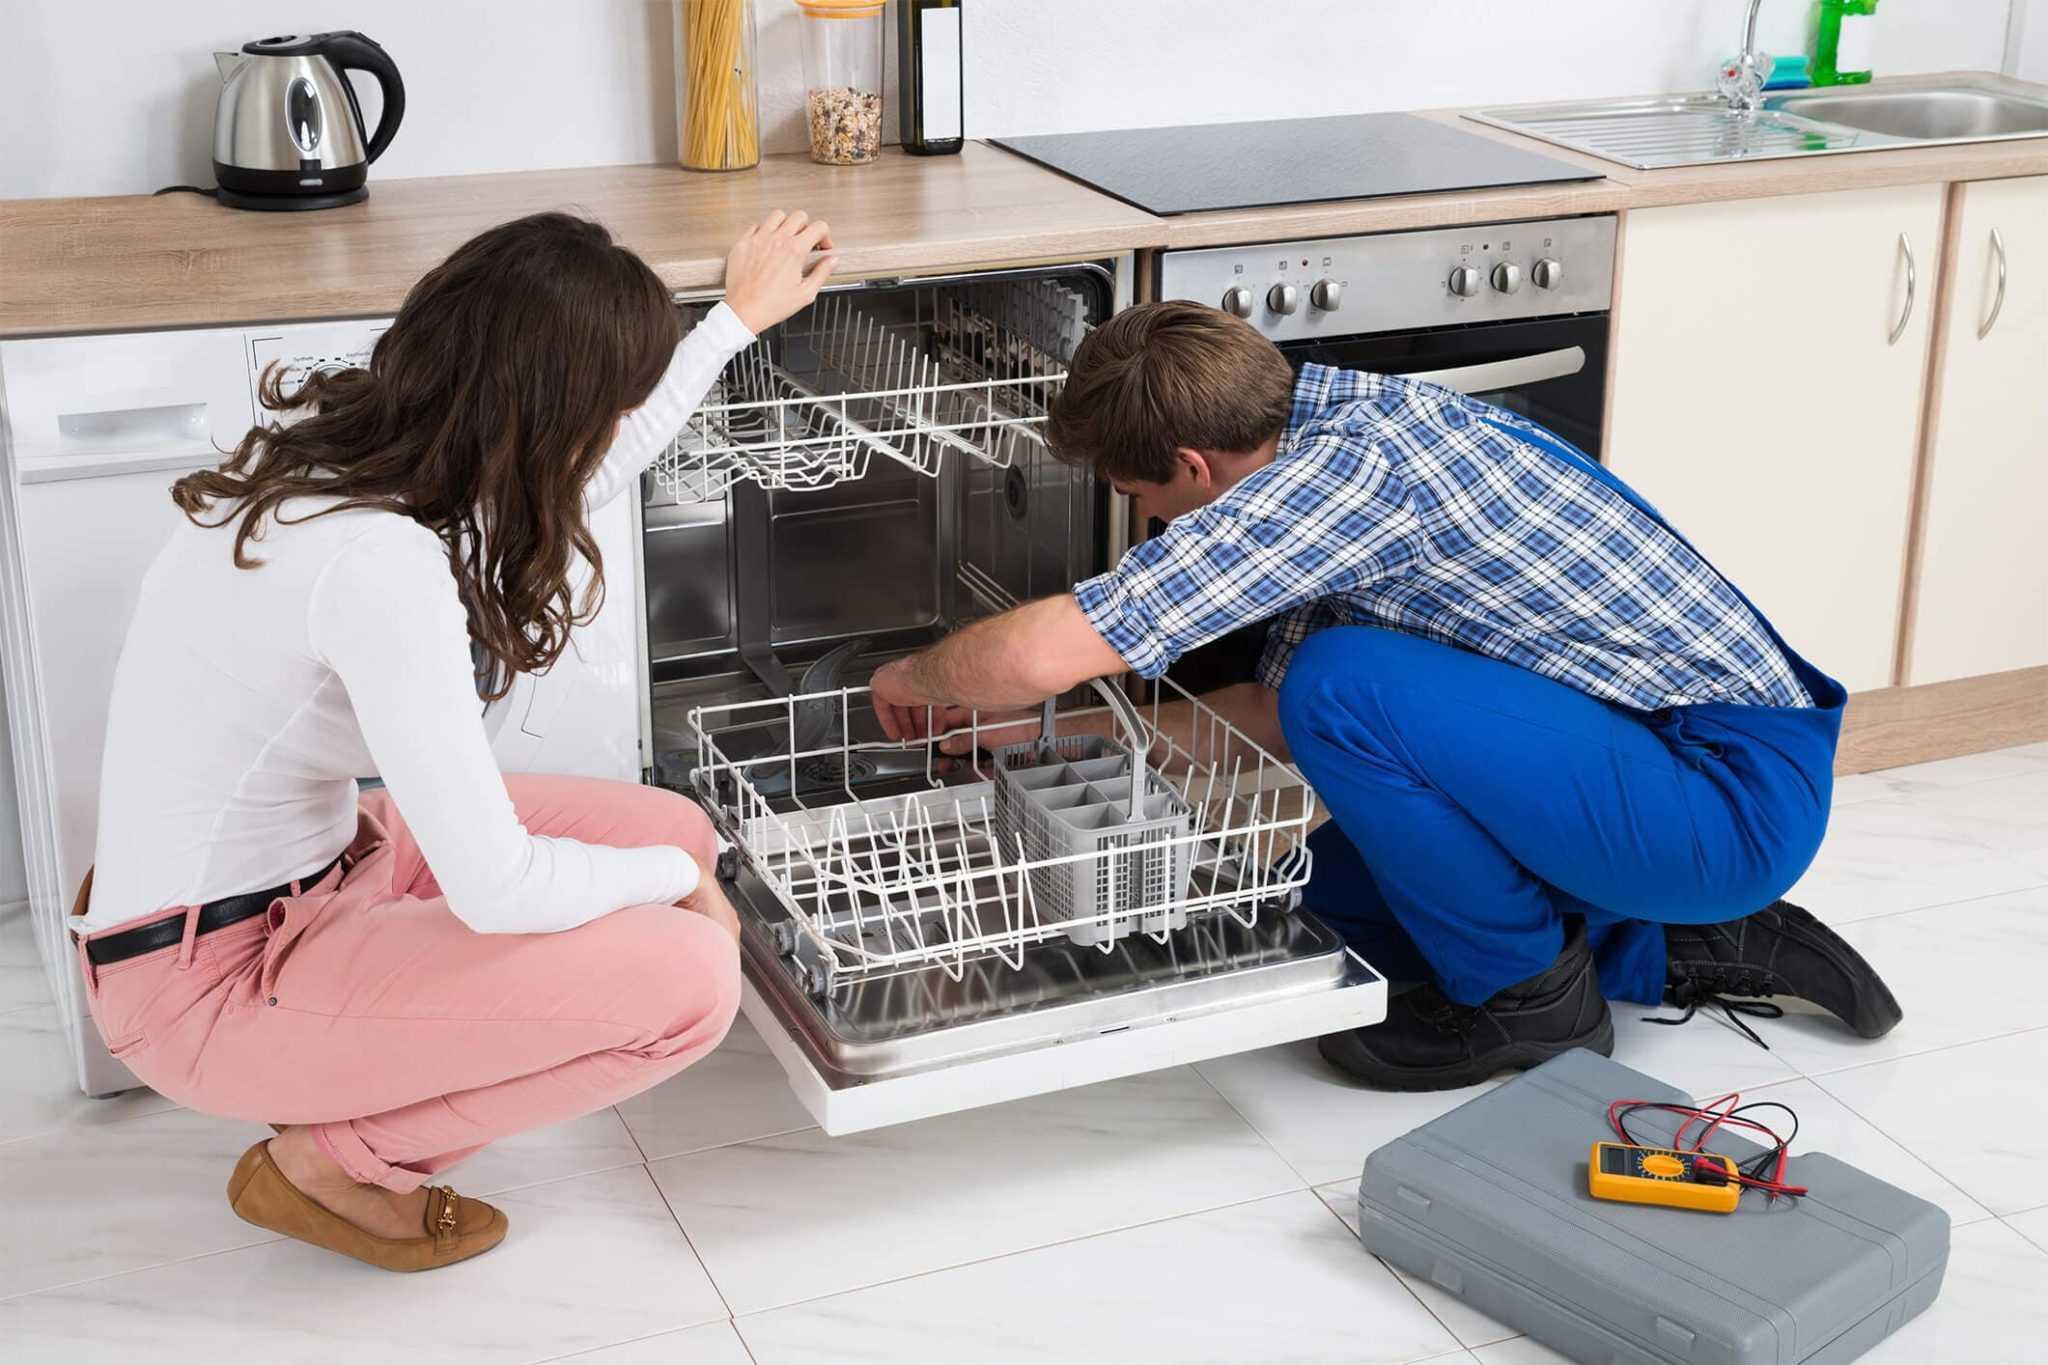 Правильная эксплуатация и уход за посудомоечной машиной является залогом ее долгой работоспособности Именно с нашей статьи вы узнаете как почистить посудомоечную машину в домашних условиях и какое средство для этого лучше выбрать